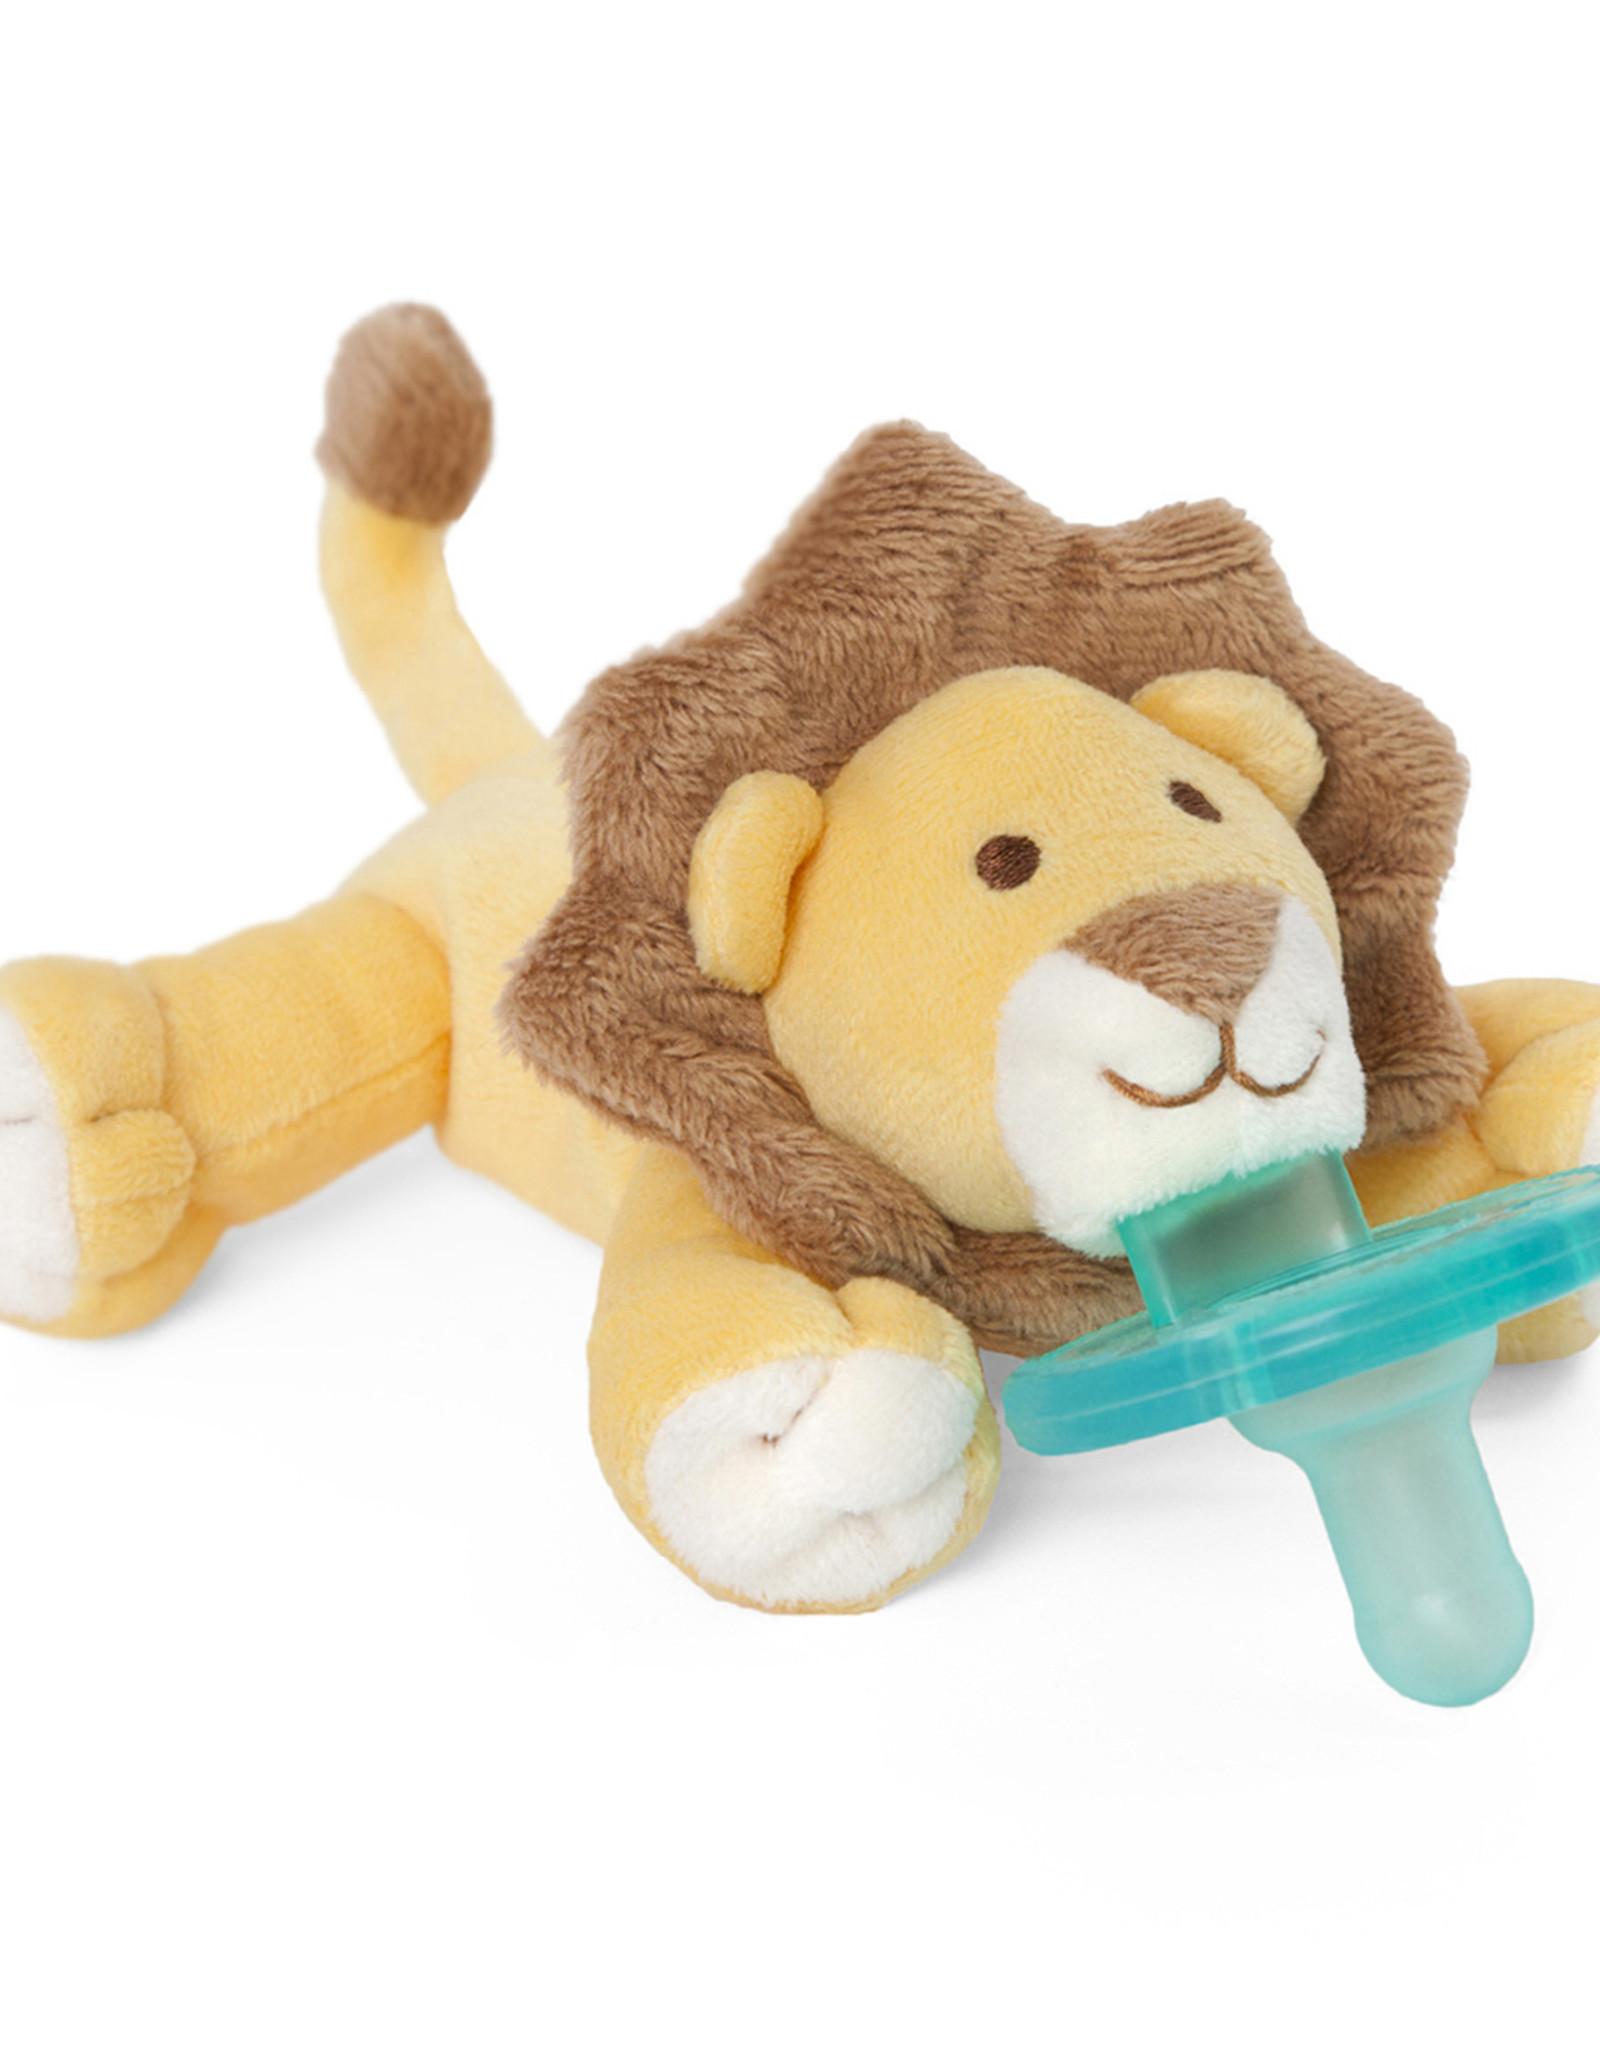 Wubbanub Lion - Wubbanub